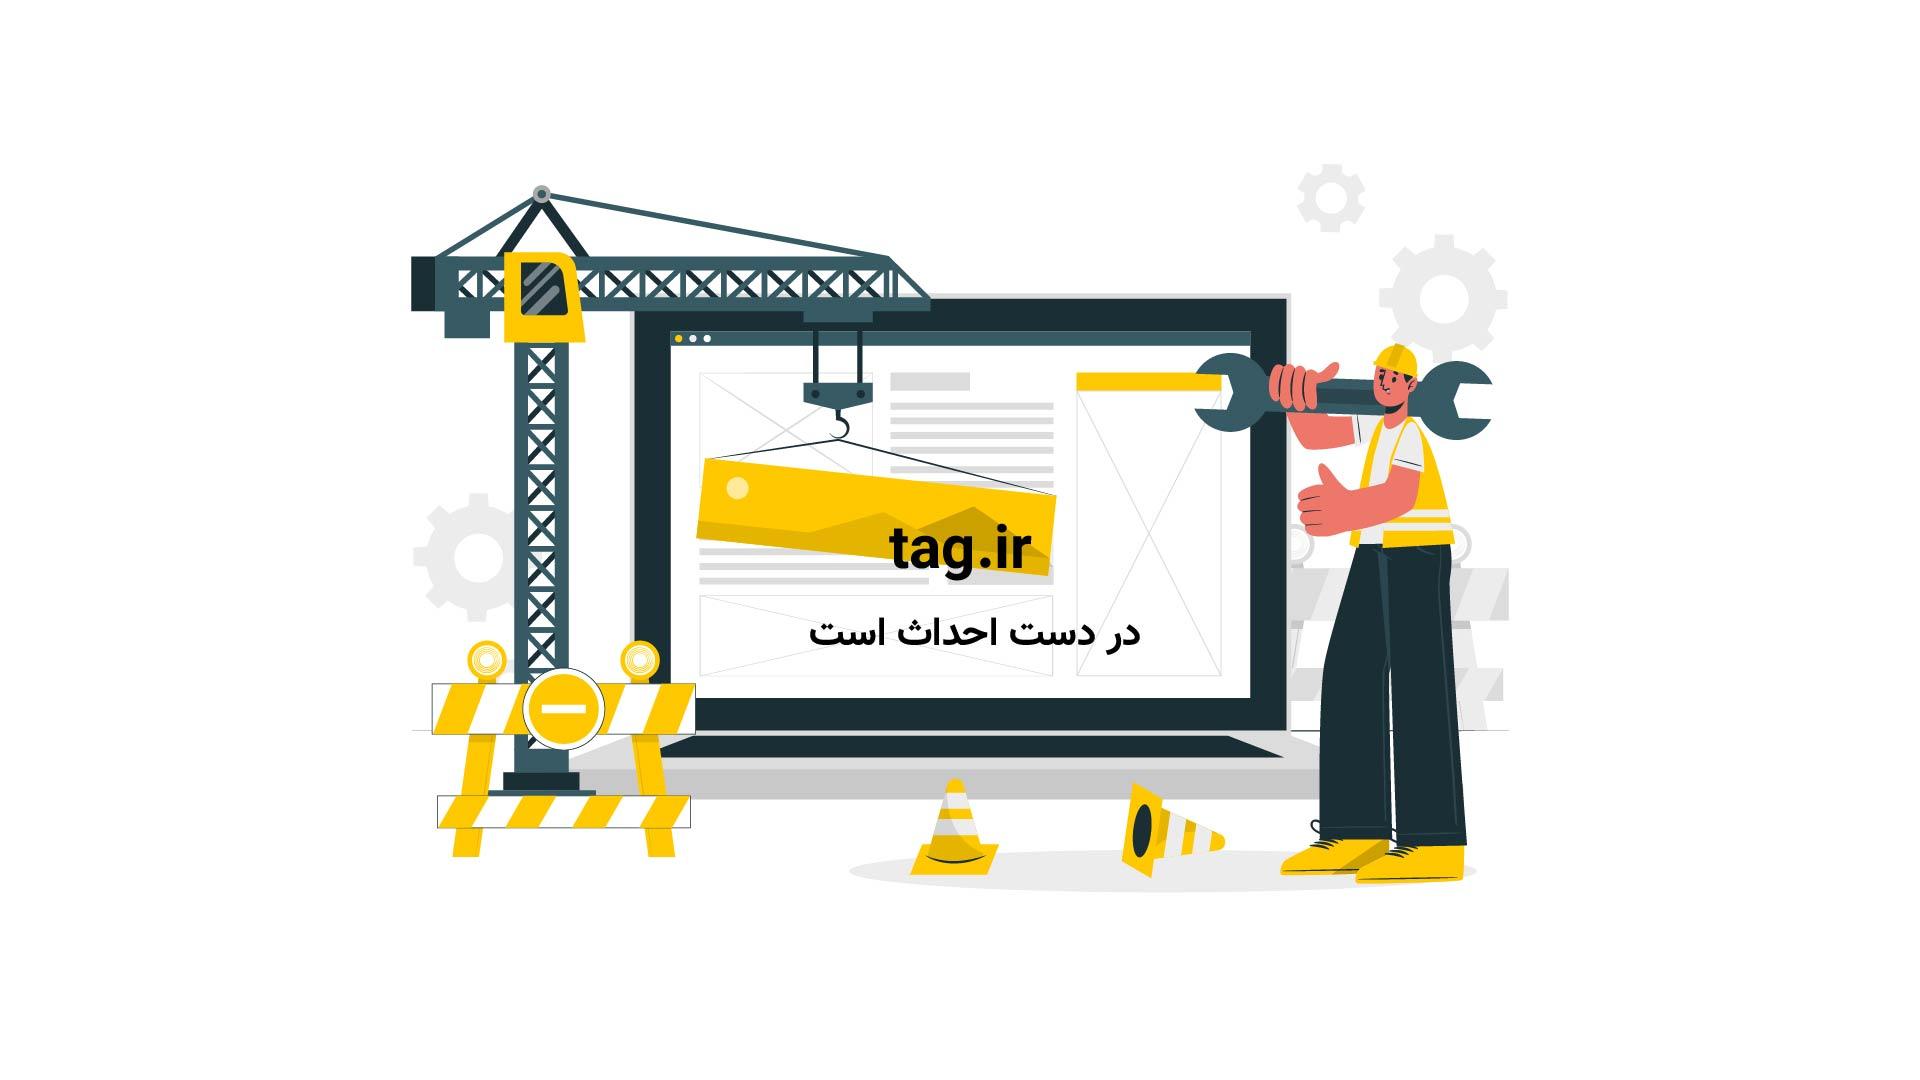 غواصی آتشفشان؛ یکی از خطرناک ترین شغل ها | فیلم